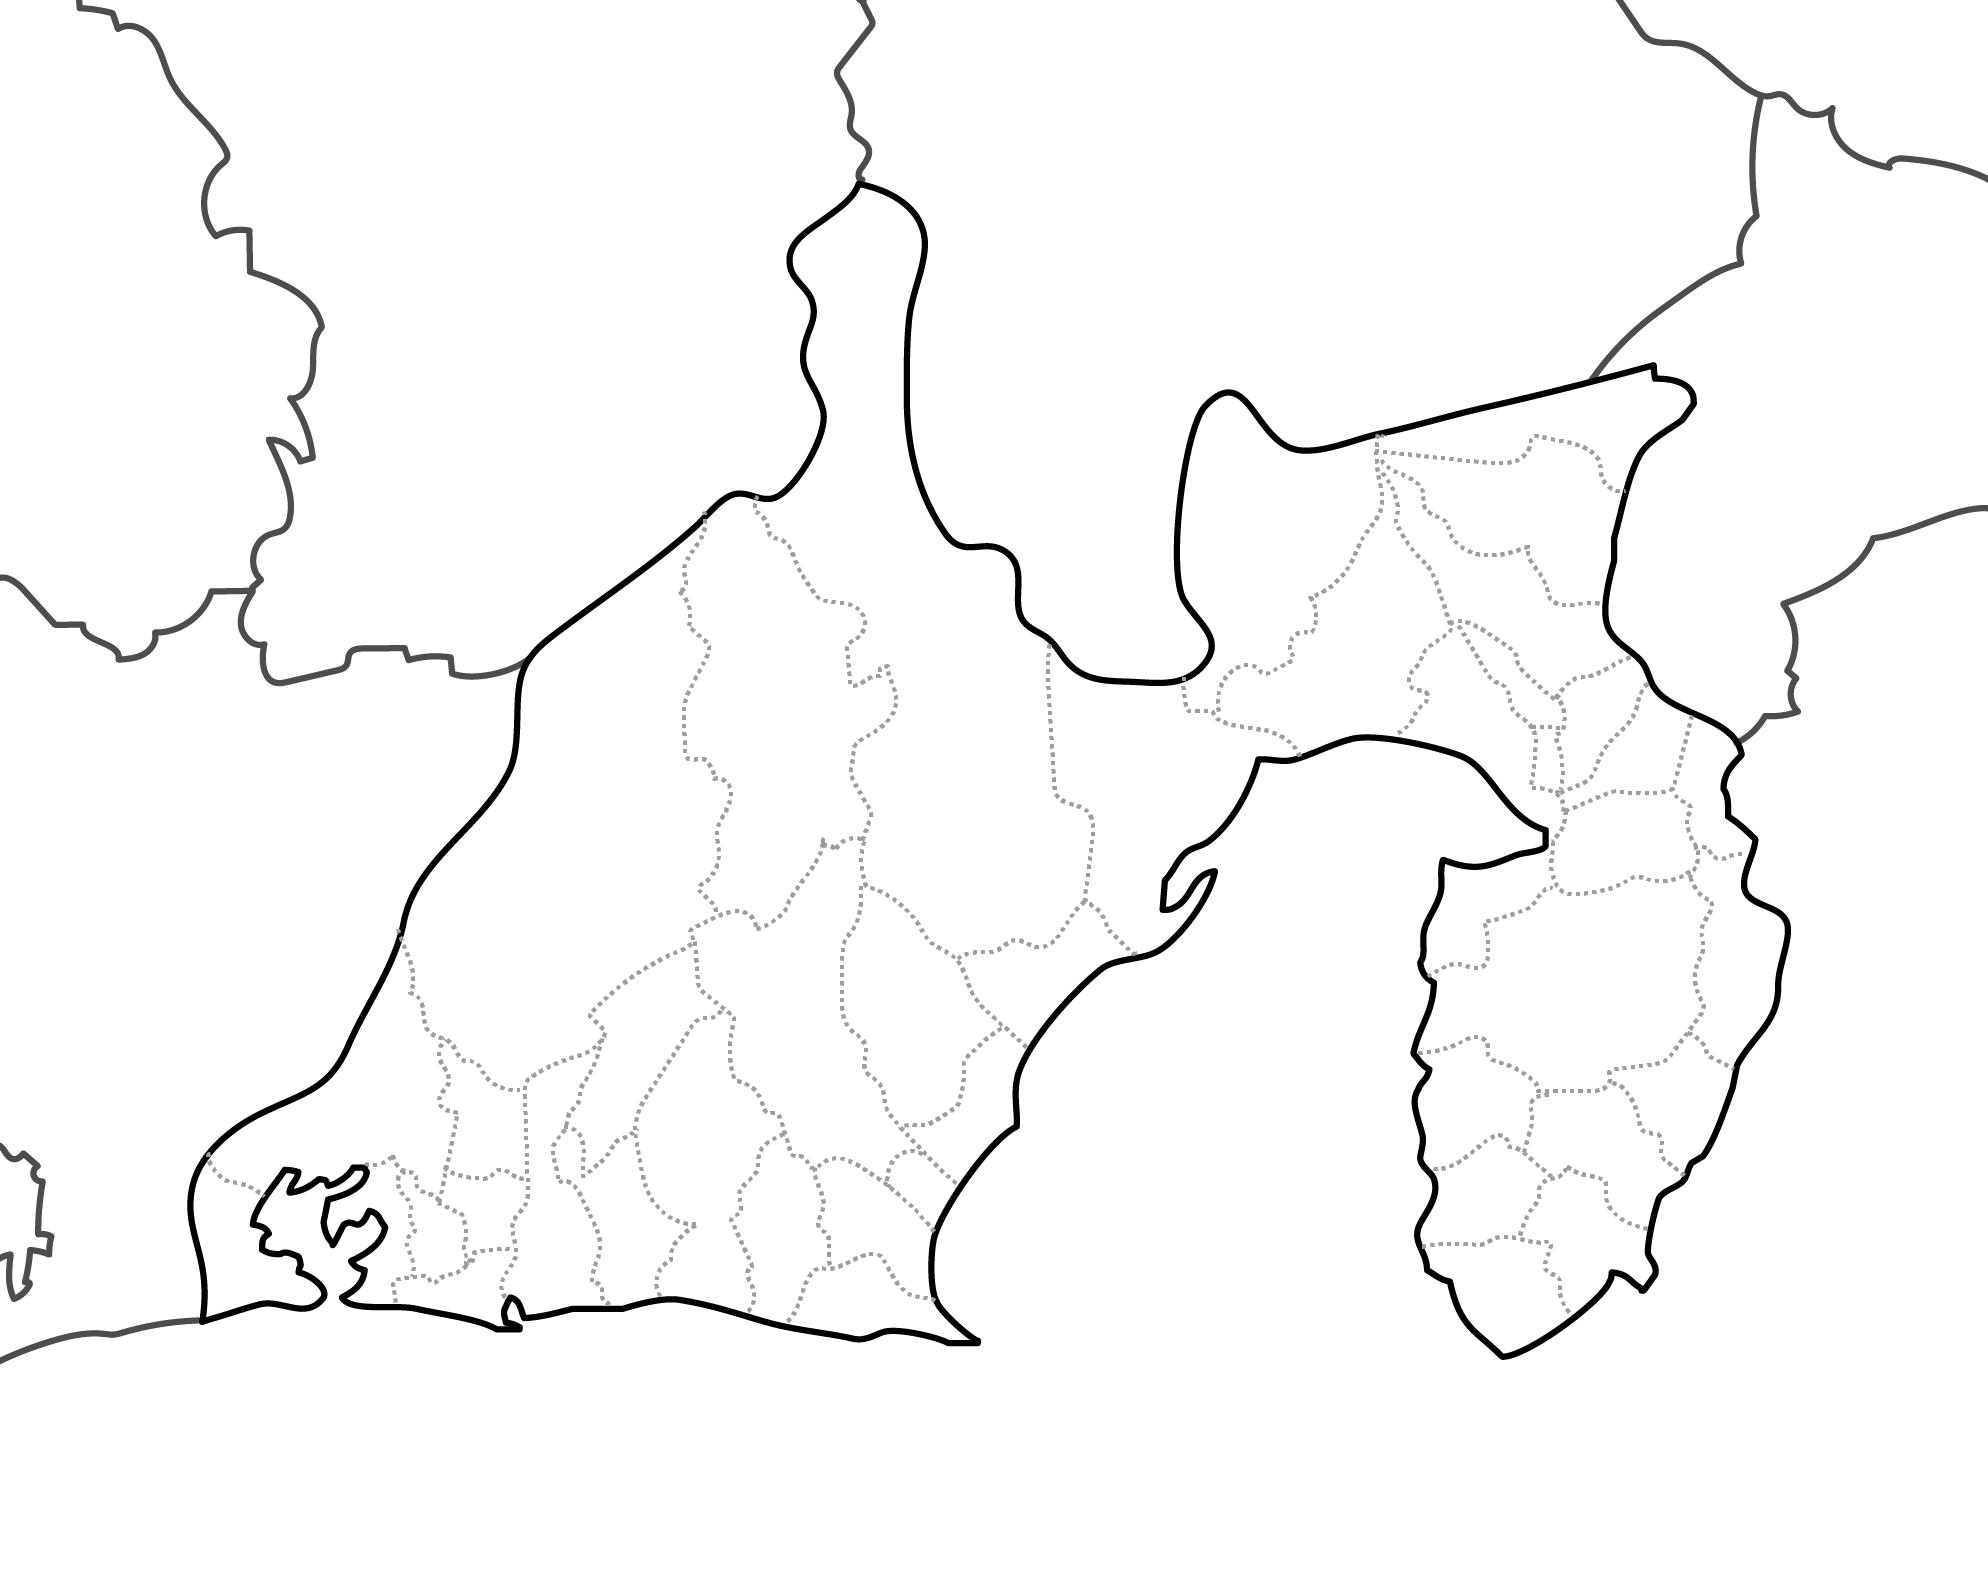 [白地図]静岡県・ラインあり・市区町村名なし・隣県なし